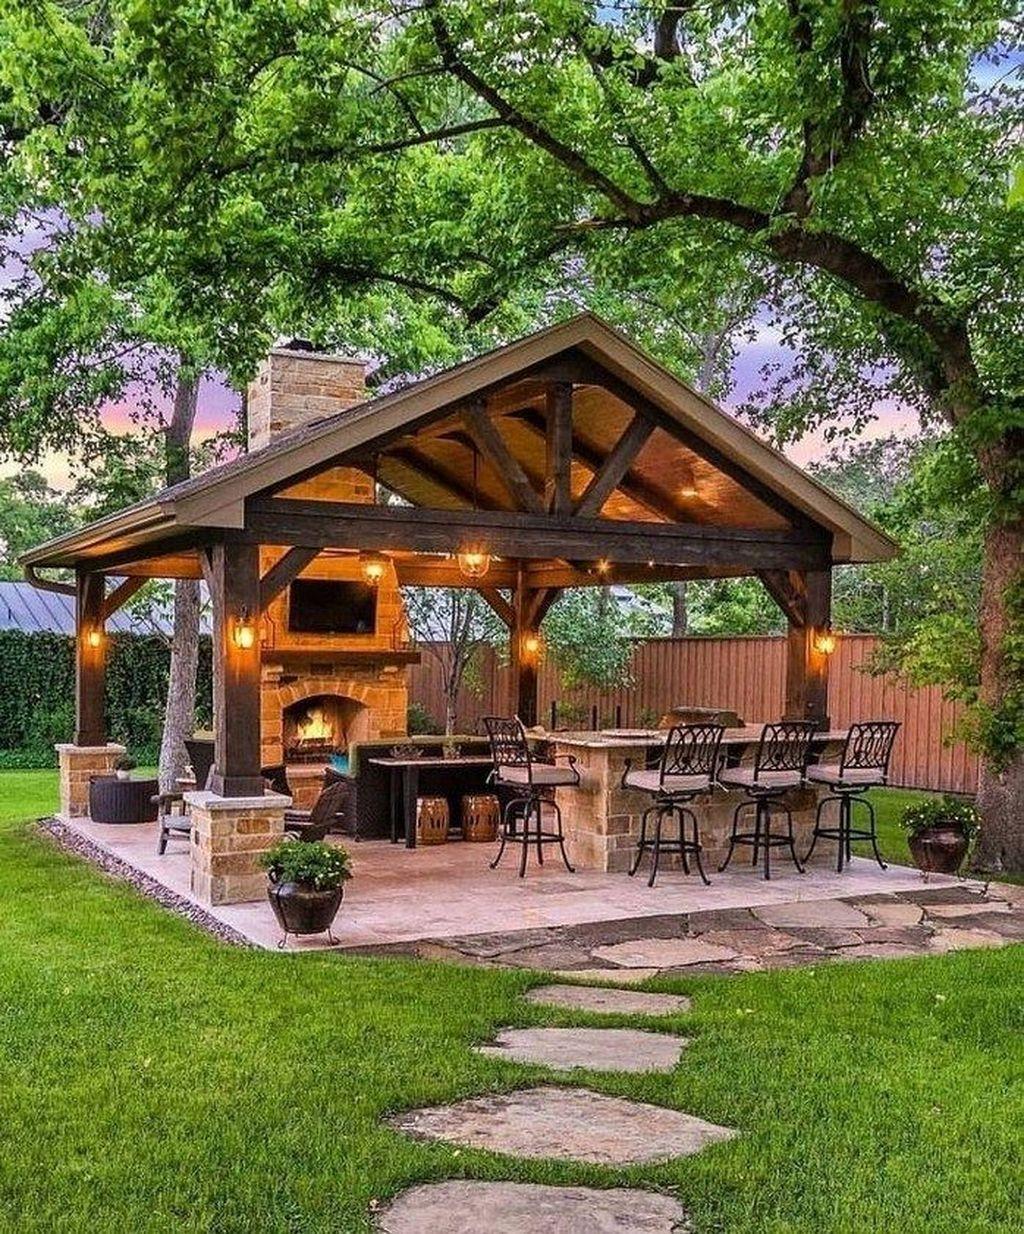 58 kleine DIY-Patio-Design-Ideen im Freien #backyardmakeover 58 kleine DIY-Patio-Design-Ideen im Freien,  #DIYPatioDesignIdeen #Freien #kleine